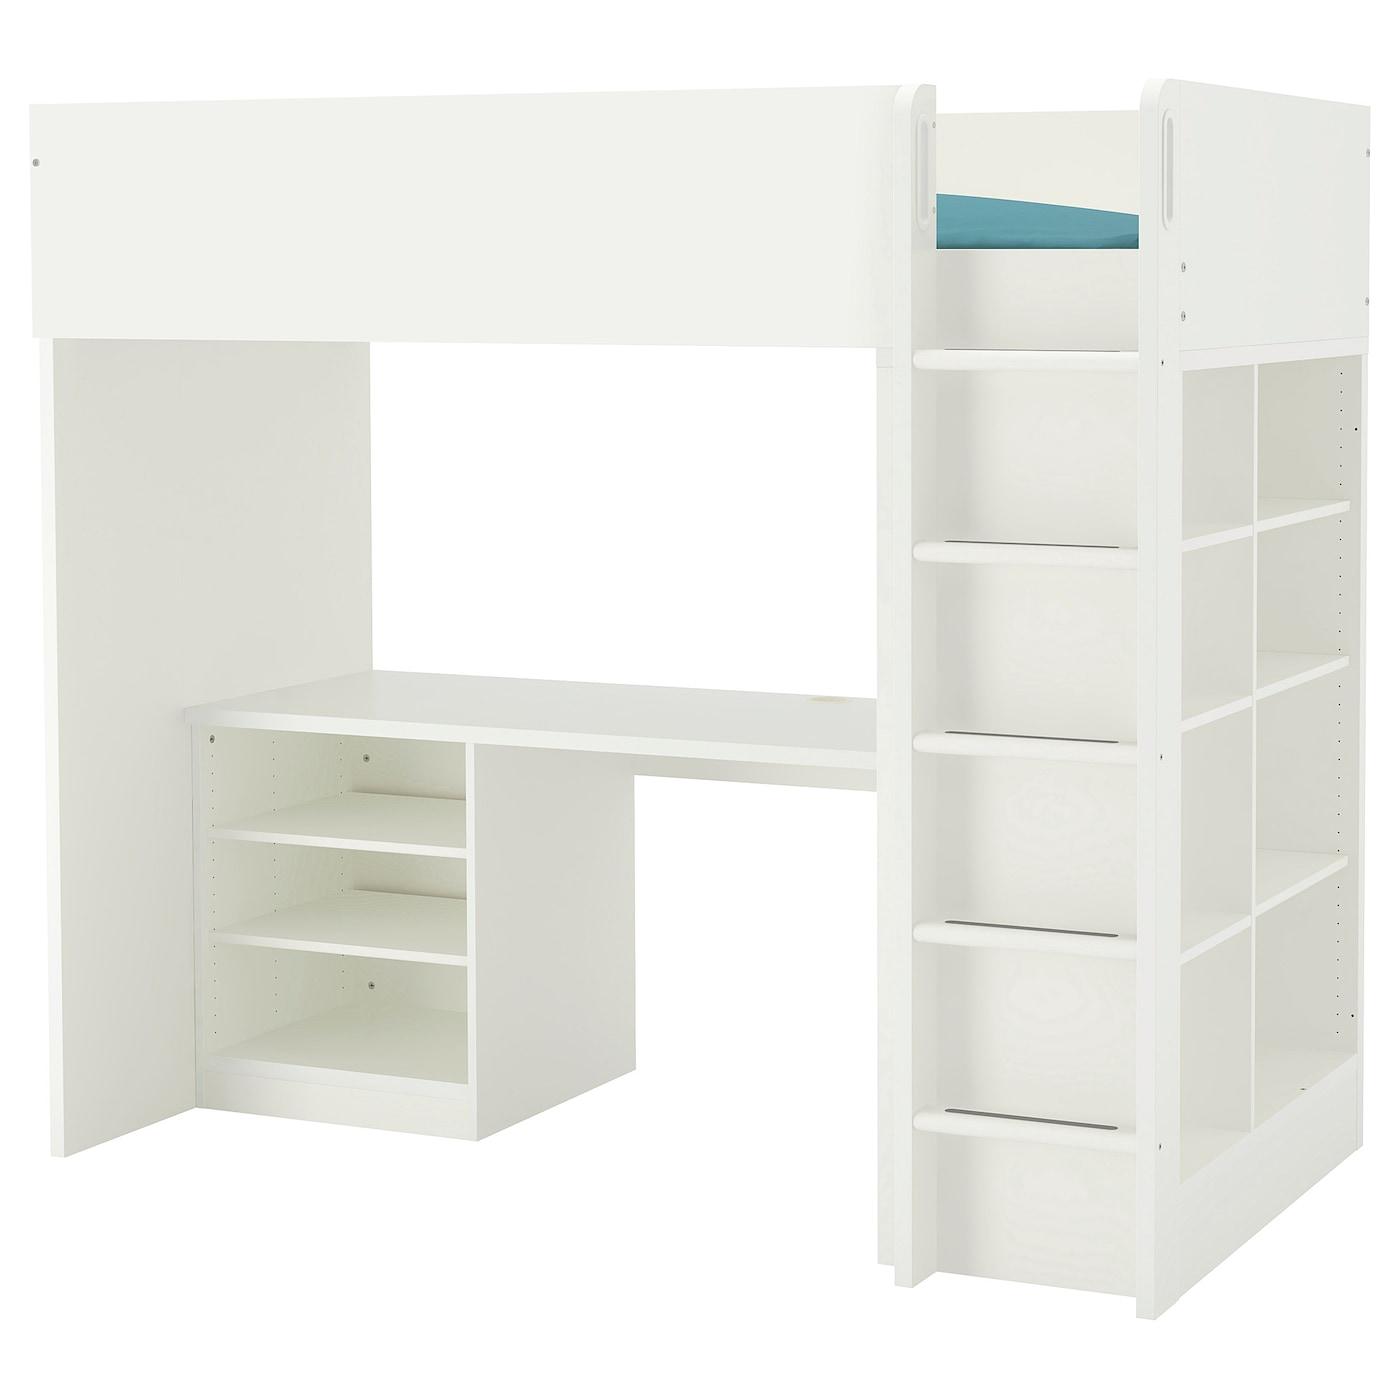 IKEA STUVA biała kombinacja łóżka na antresoli z biurkiem, komodą z trzema półkami i regałem